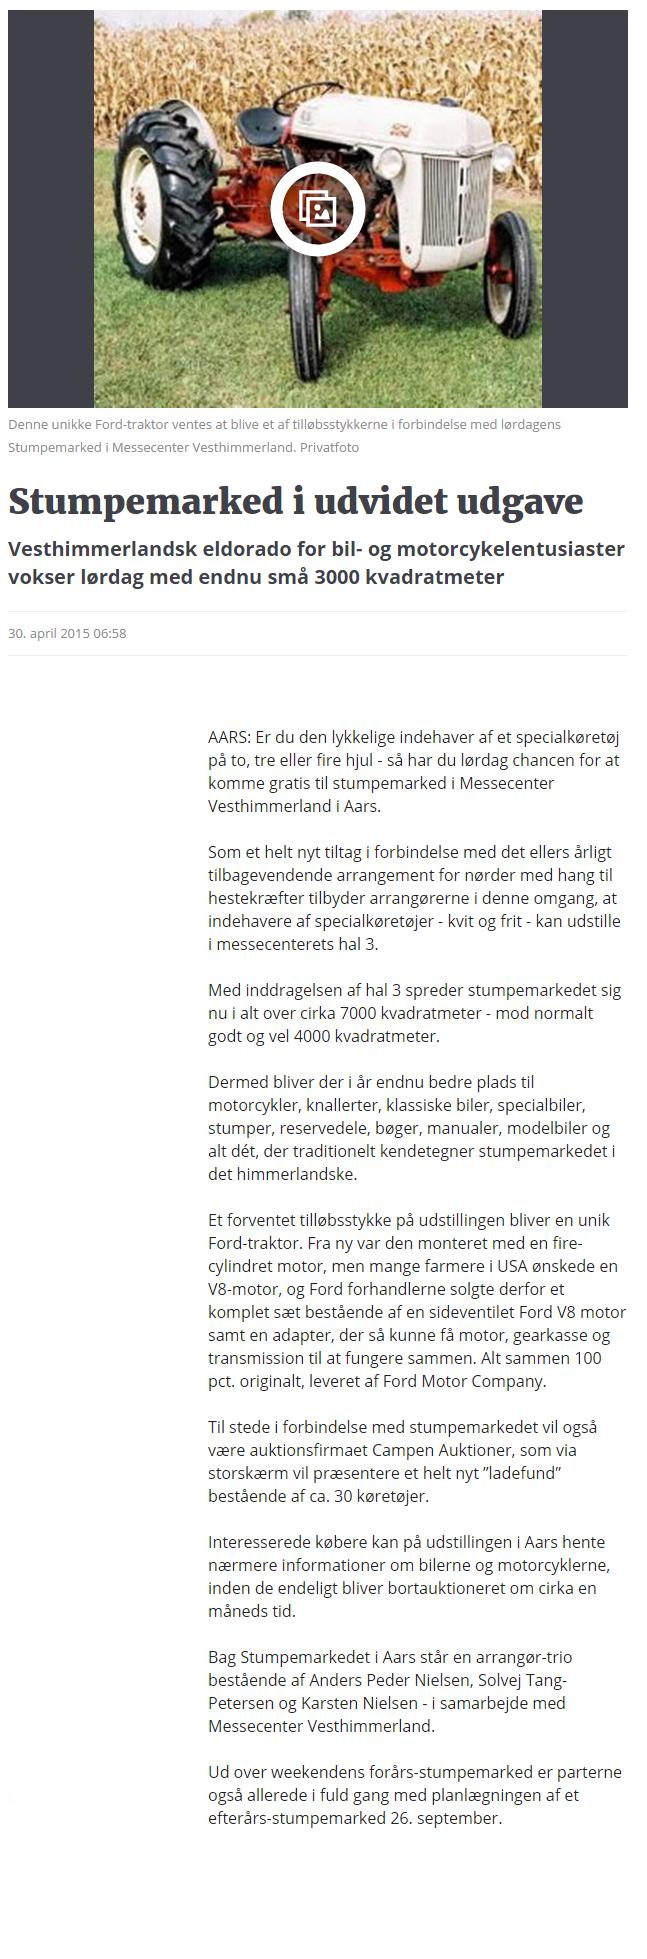 Stumpemarked i udvidet udgave   Nordjyske.dk